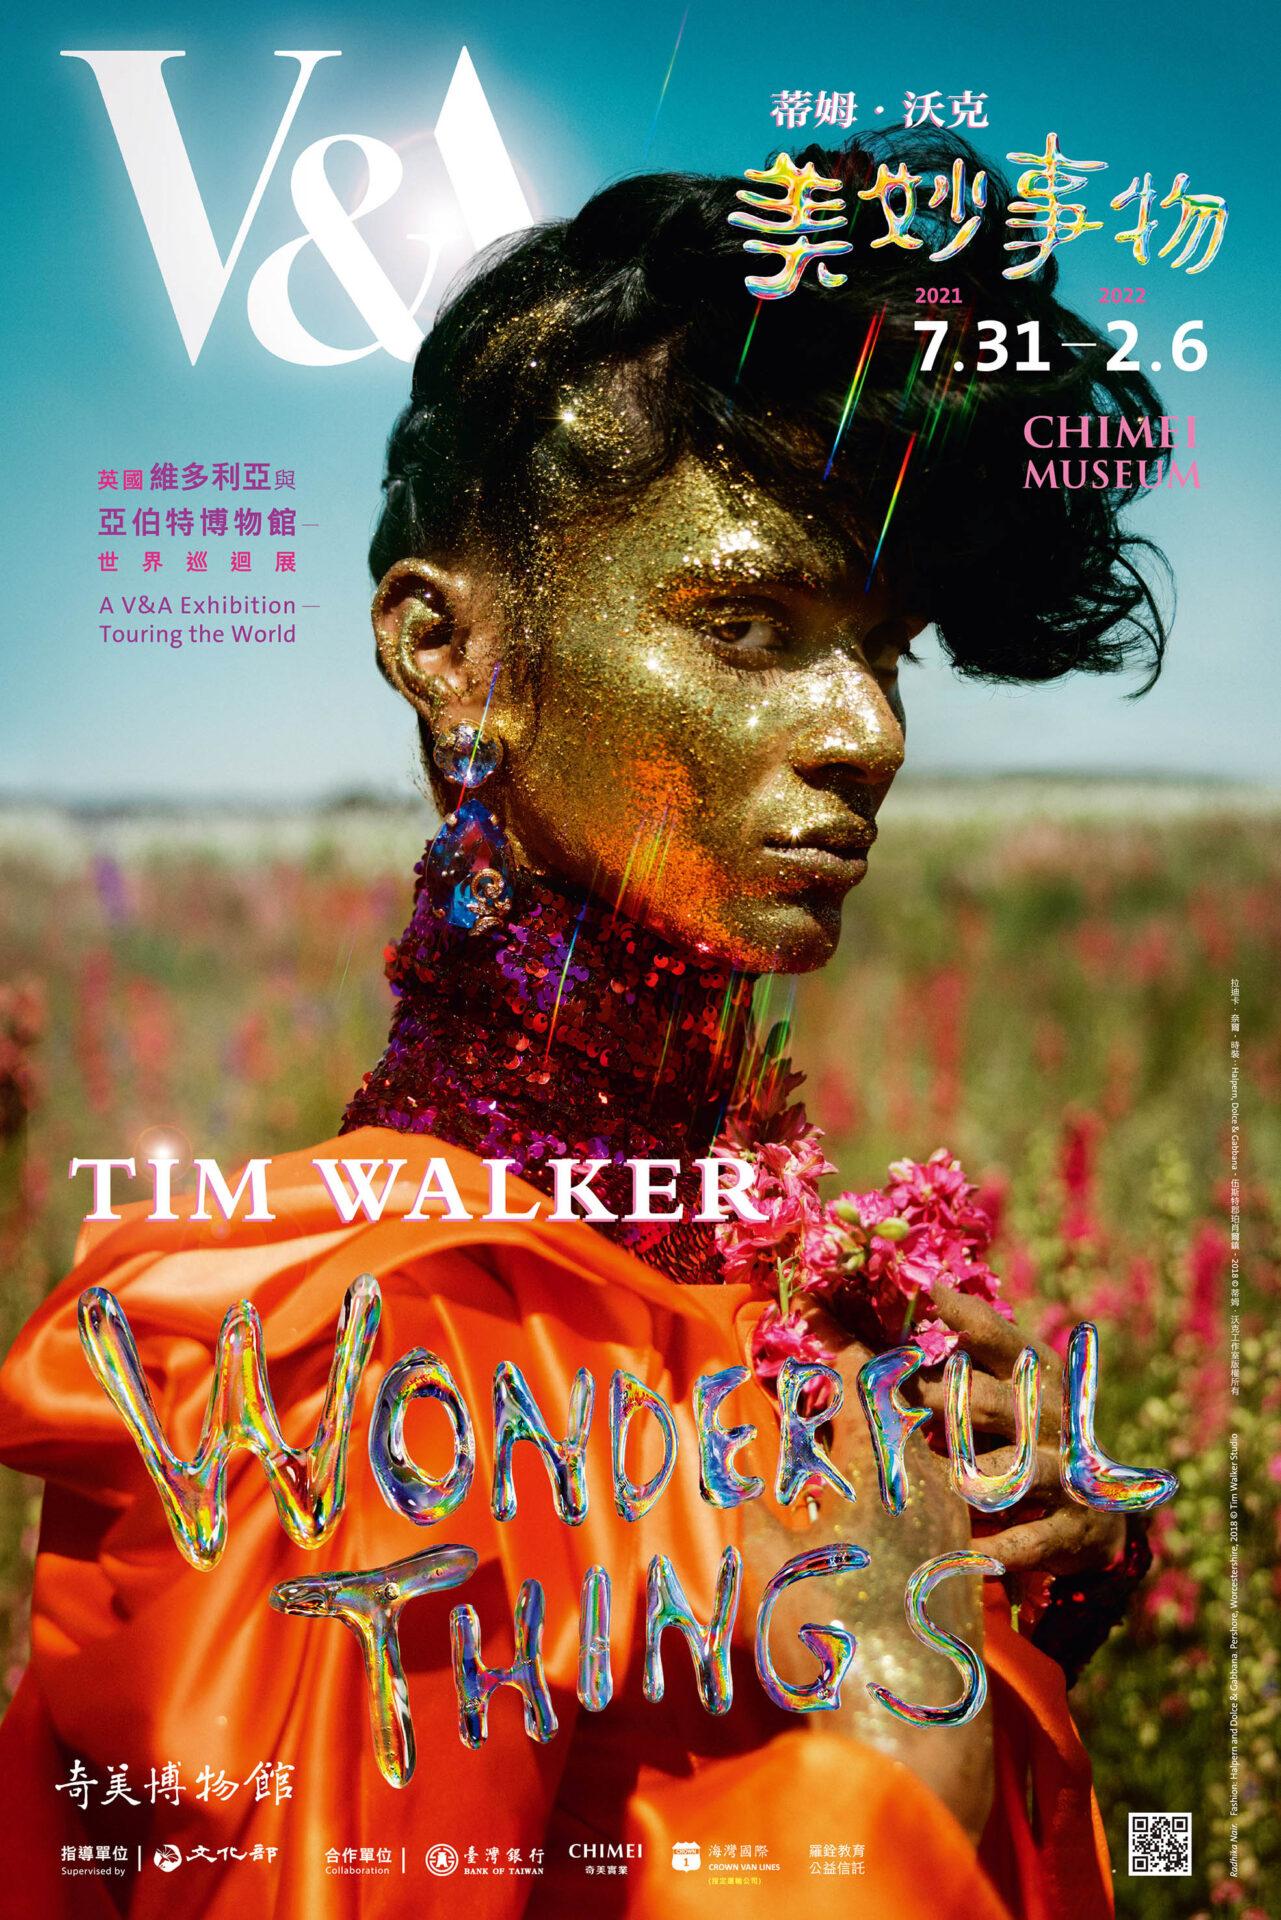 奇美博物館:2021/7/31-2022/2/6【蒂姆.沃克:美妙事物(Tim Walker: Wonderful Things)】